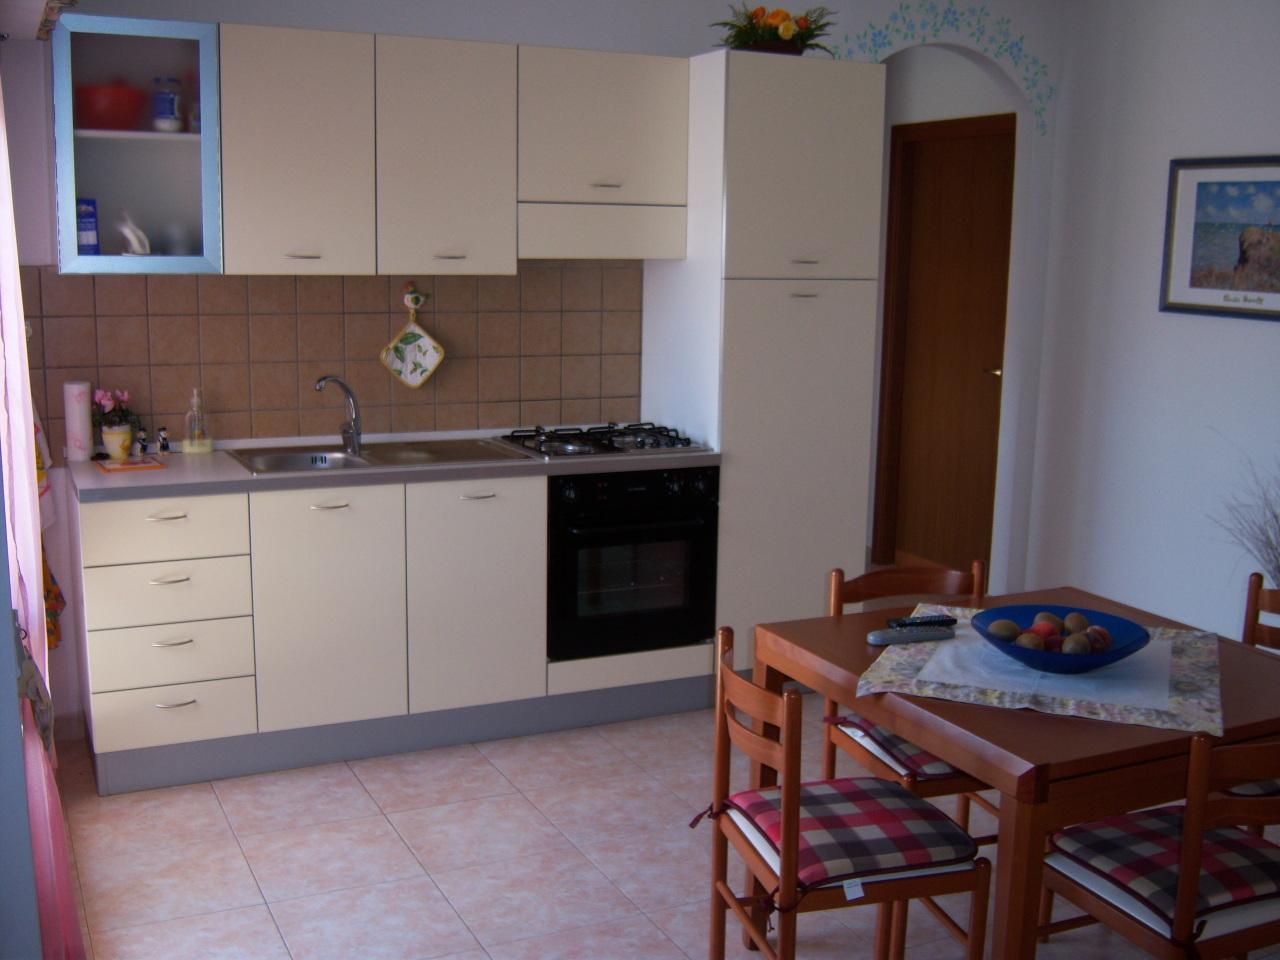 Appartamento in vendita a Portoscuso, 3 locali, prezzo € 125.000 | Cambio Casa.it